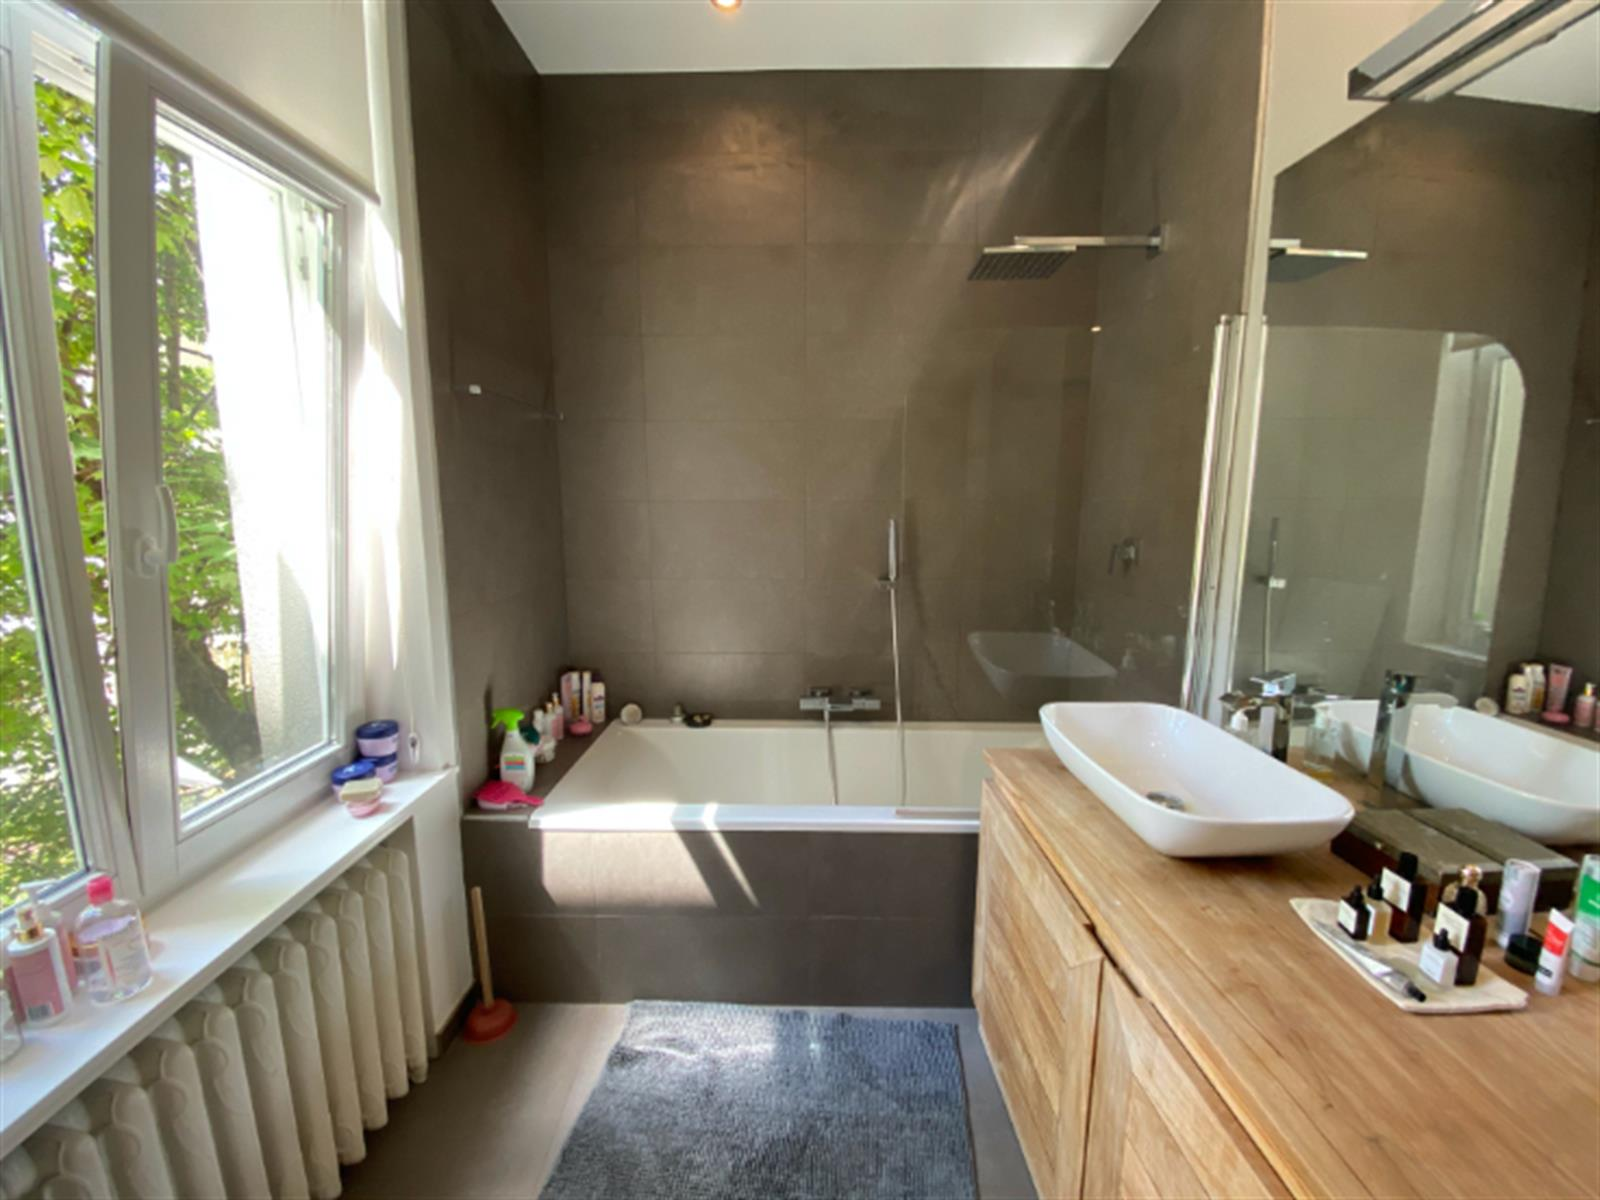 Flat - Ixelles - #4183068-9